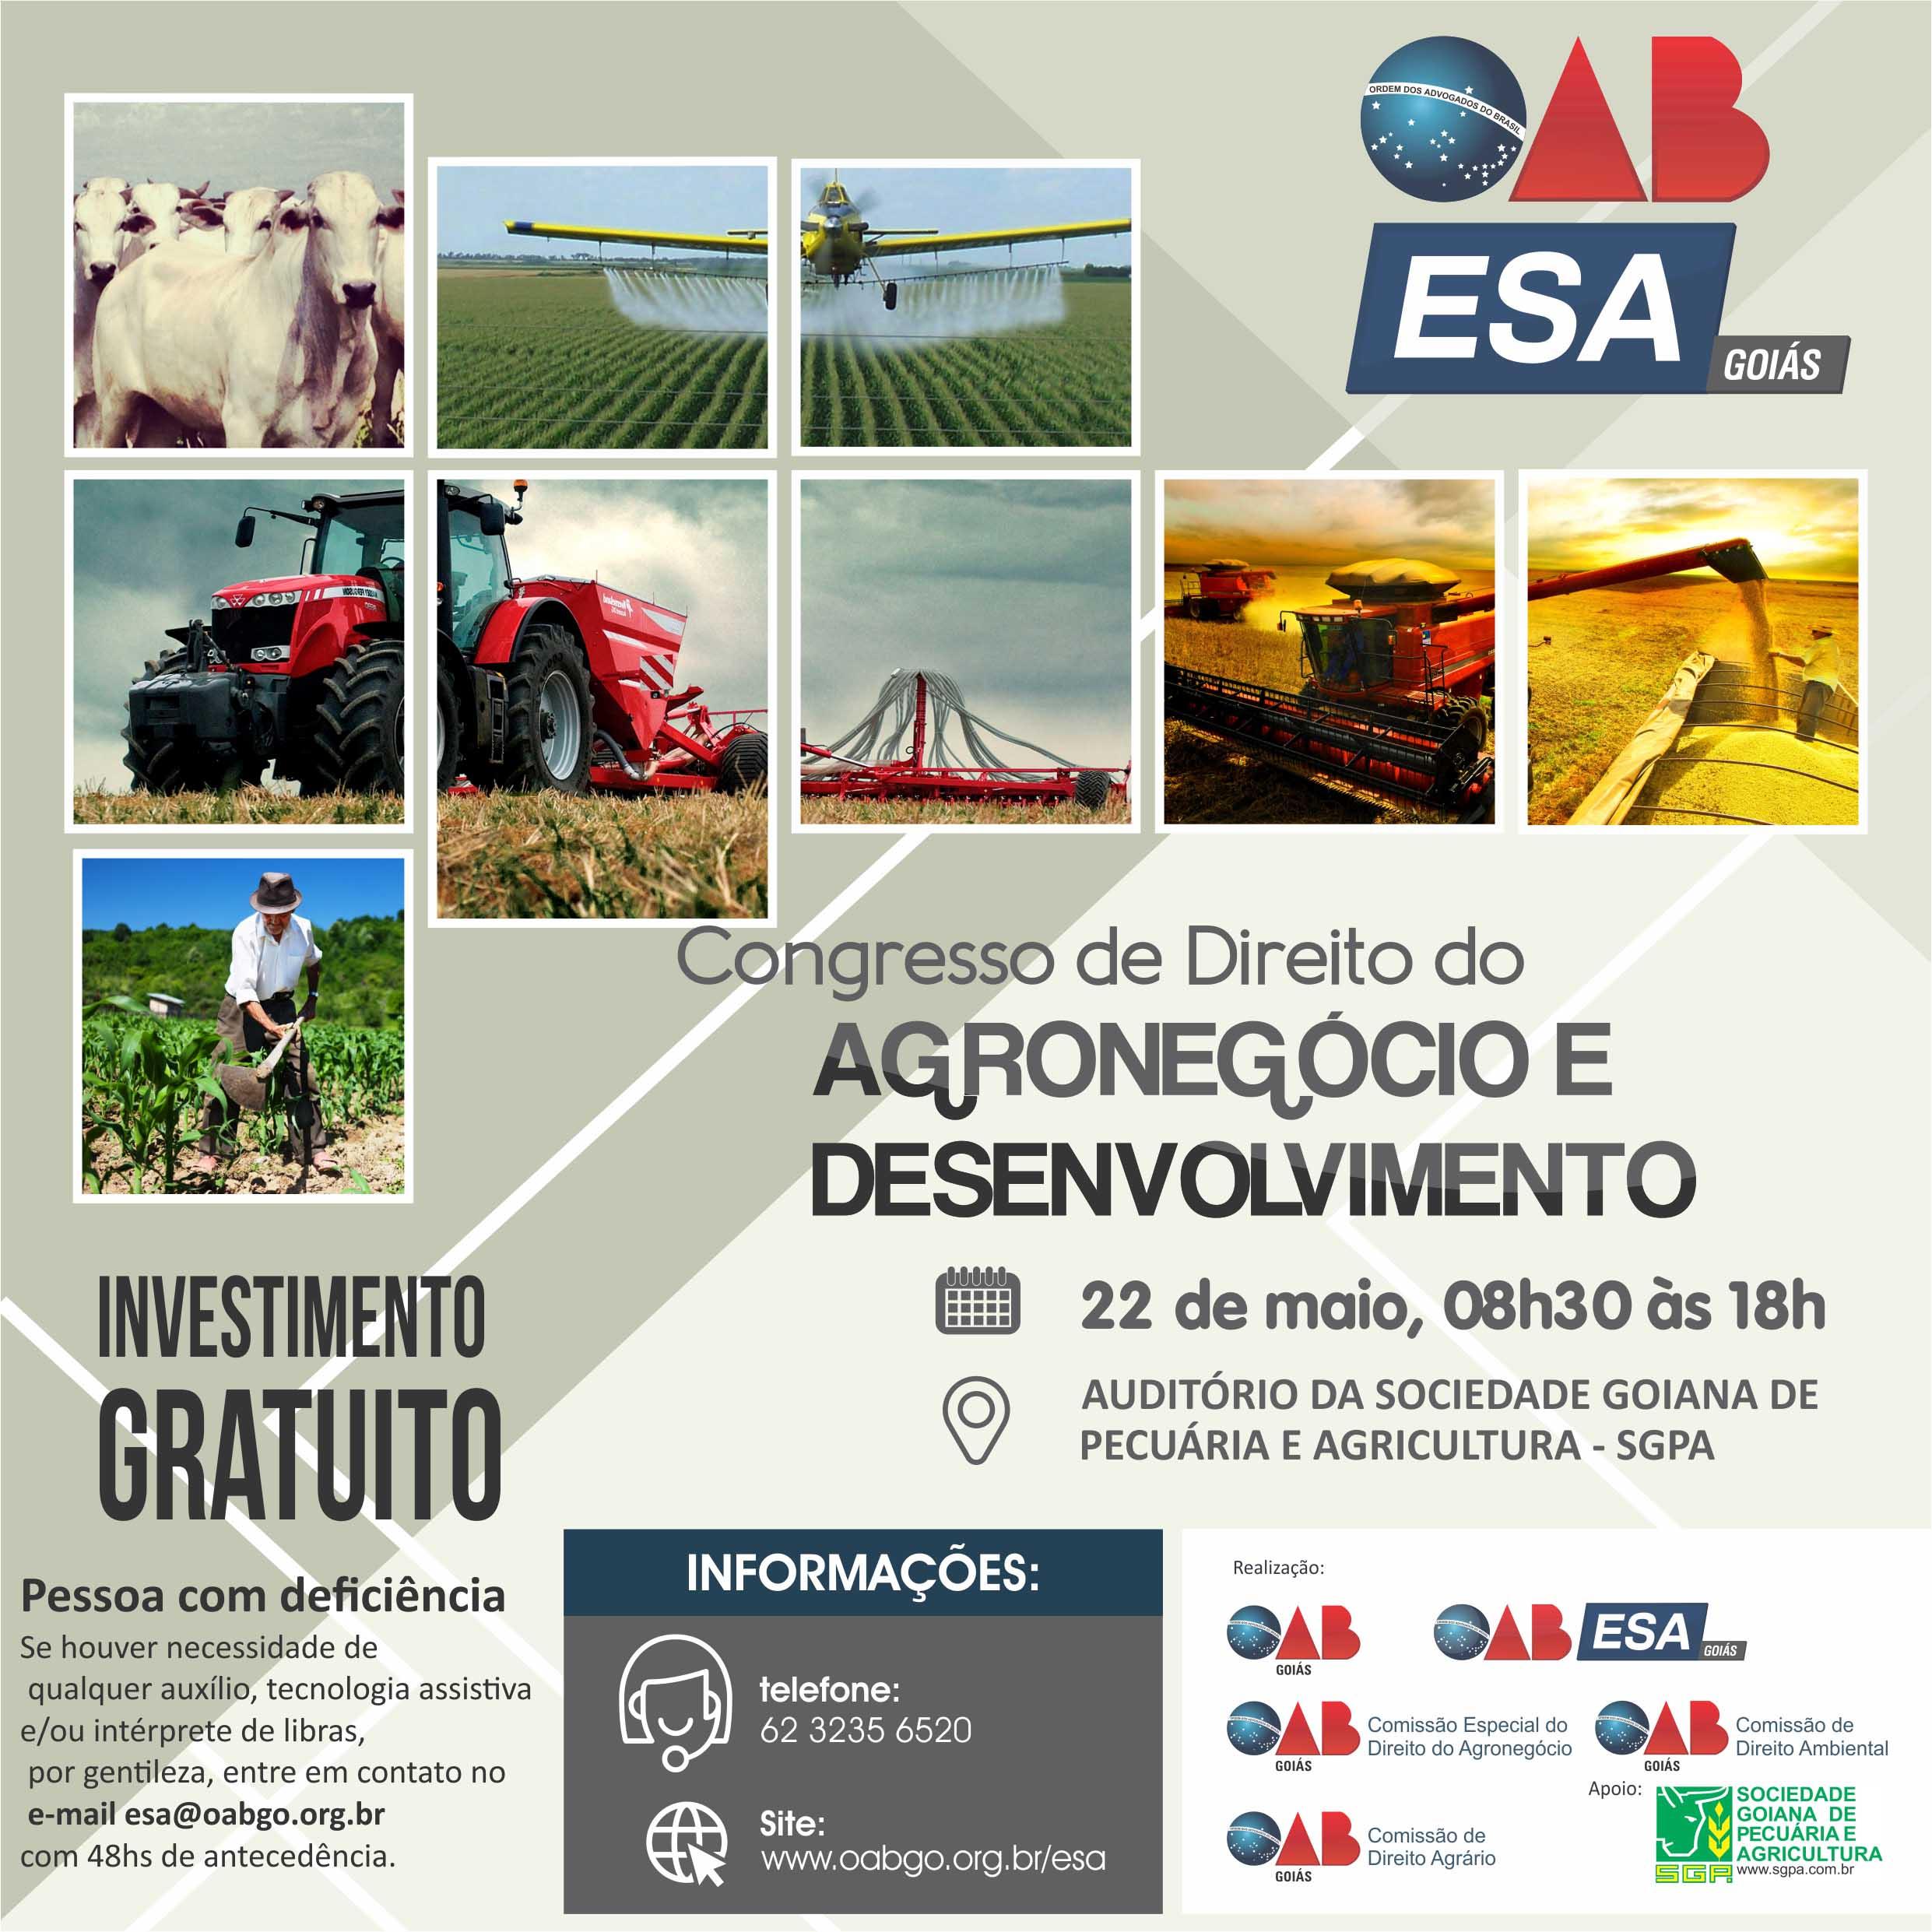 22.05 - Congresso de Direito do Agronegócio e Desenvolvimento